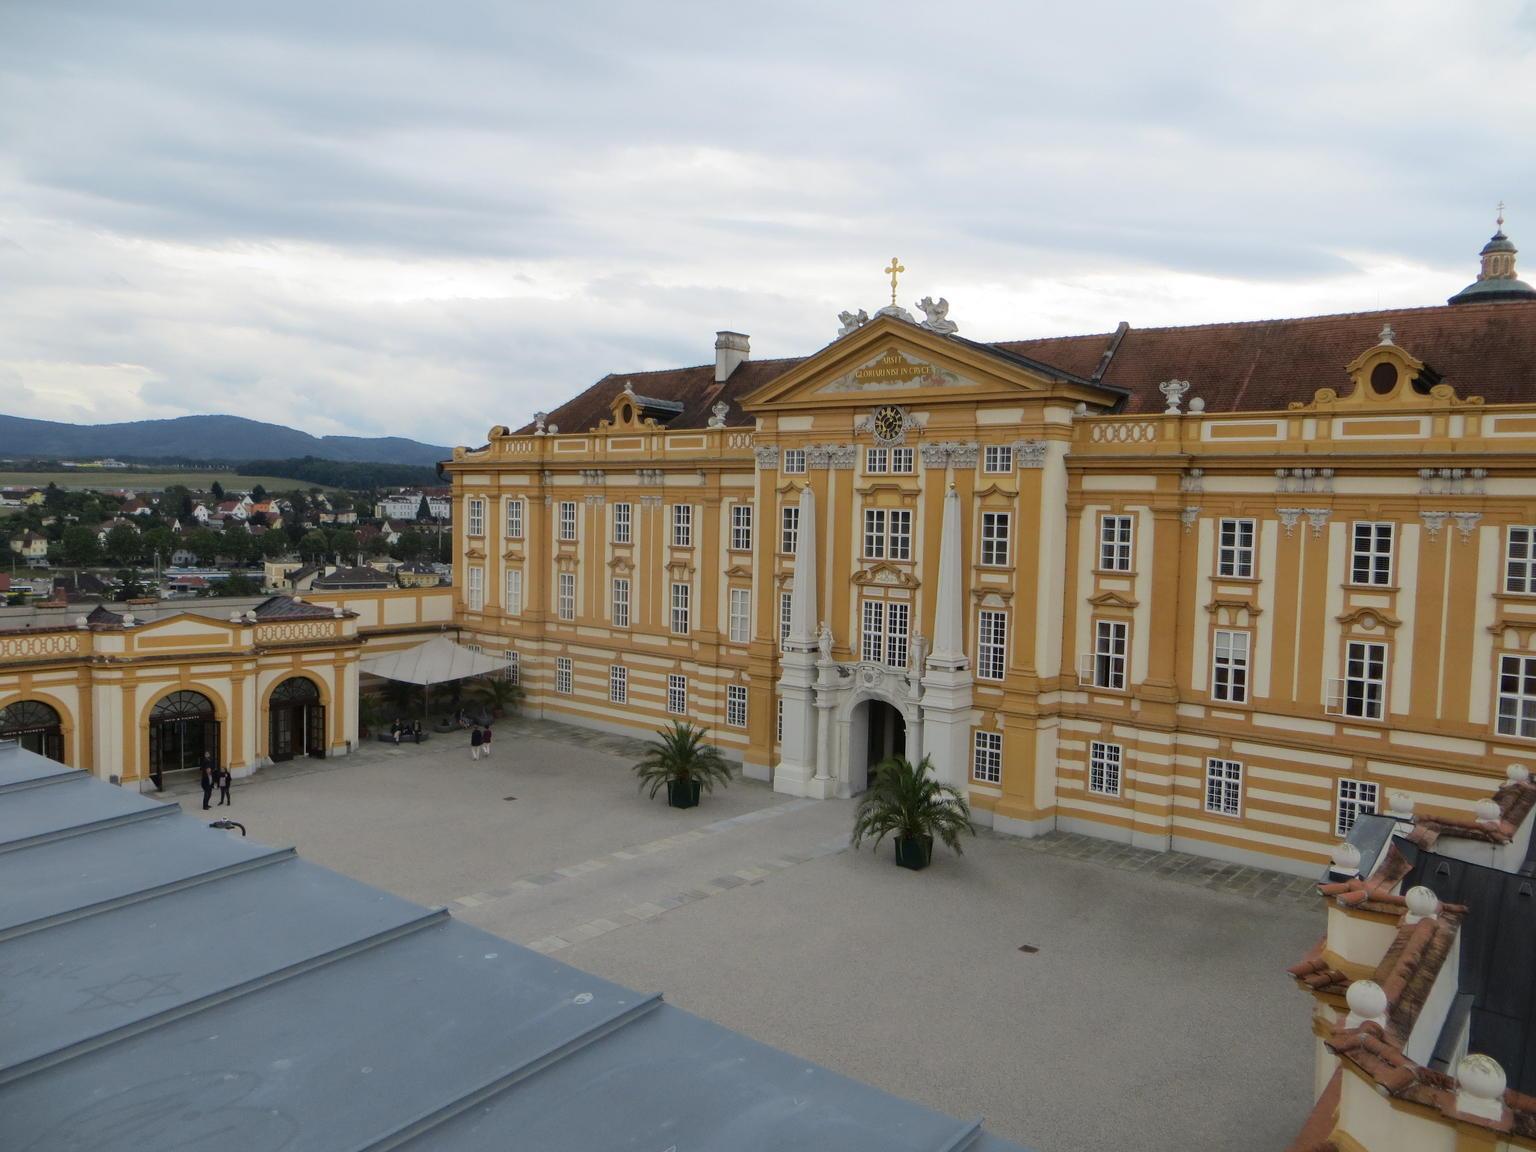 MÁS FOTOS, Escapada de un día a la abadía de Melk y al valle del Danubio desde Viena